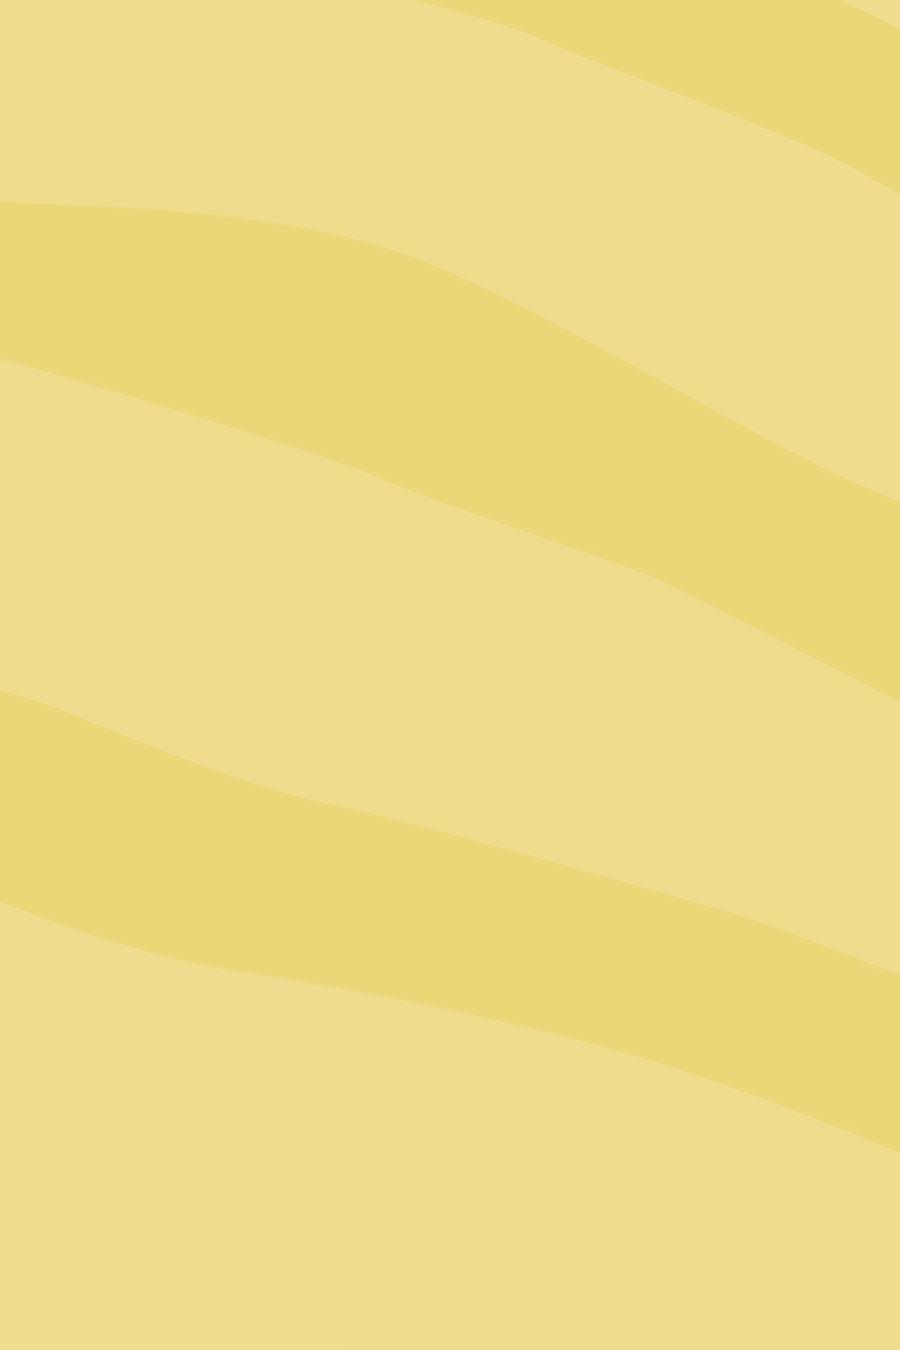 TJI_Piece1_TigerStripe_4.jpg